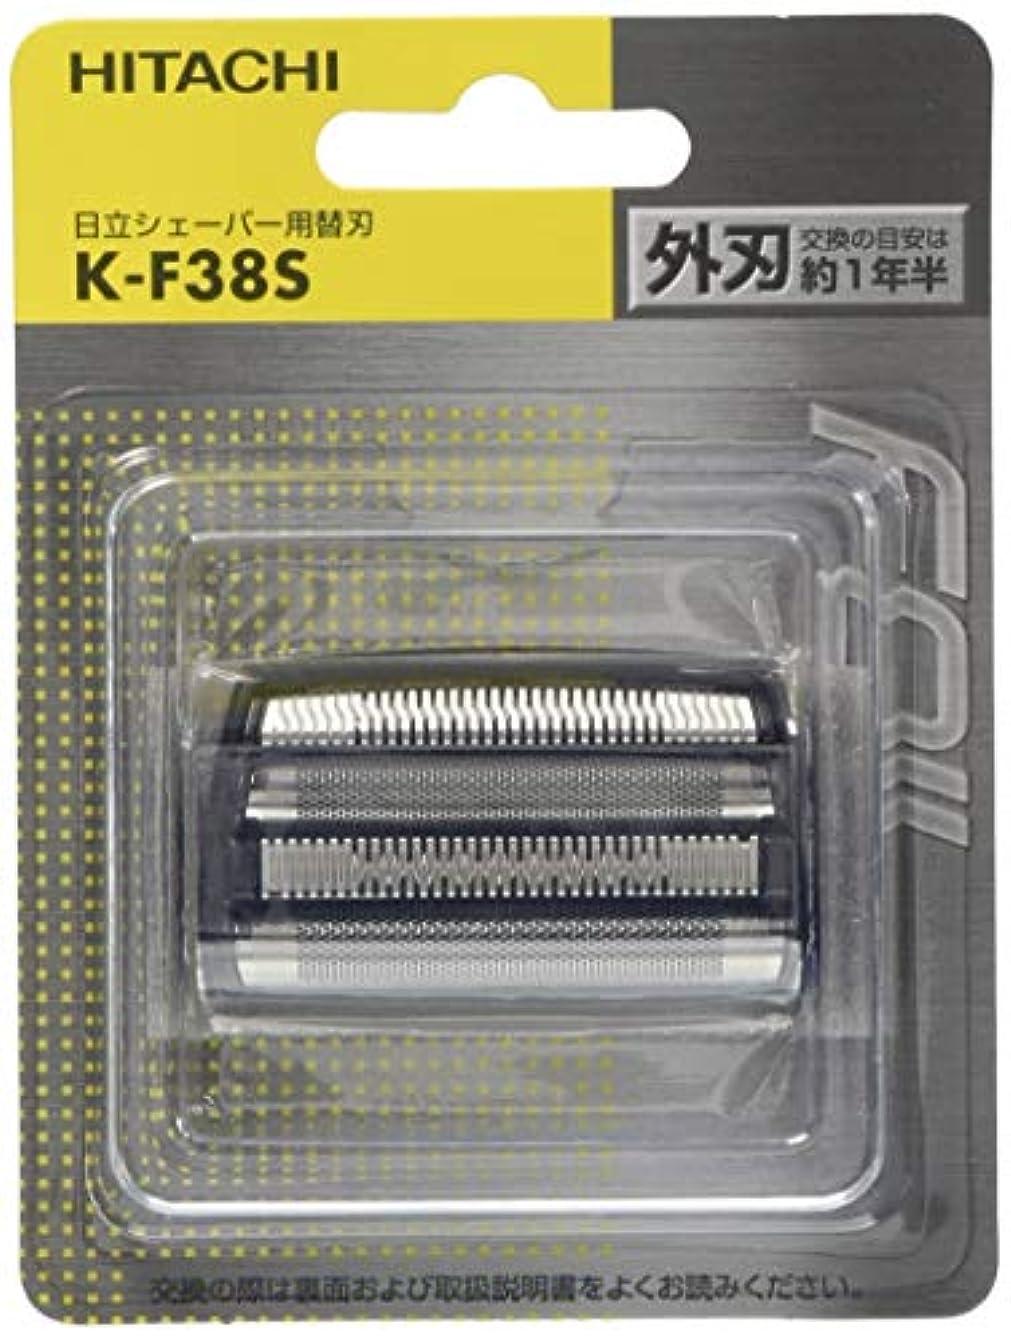 優れました噴火びっくり日立 メンズシェーバー用替刃(外刃) K-F38S